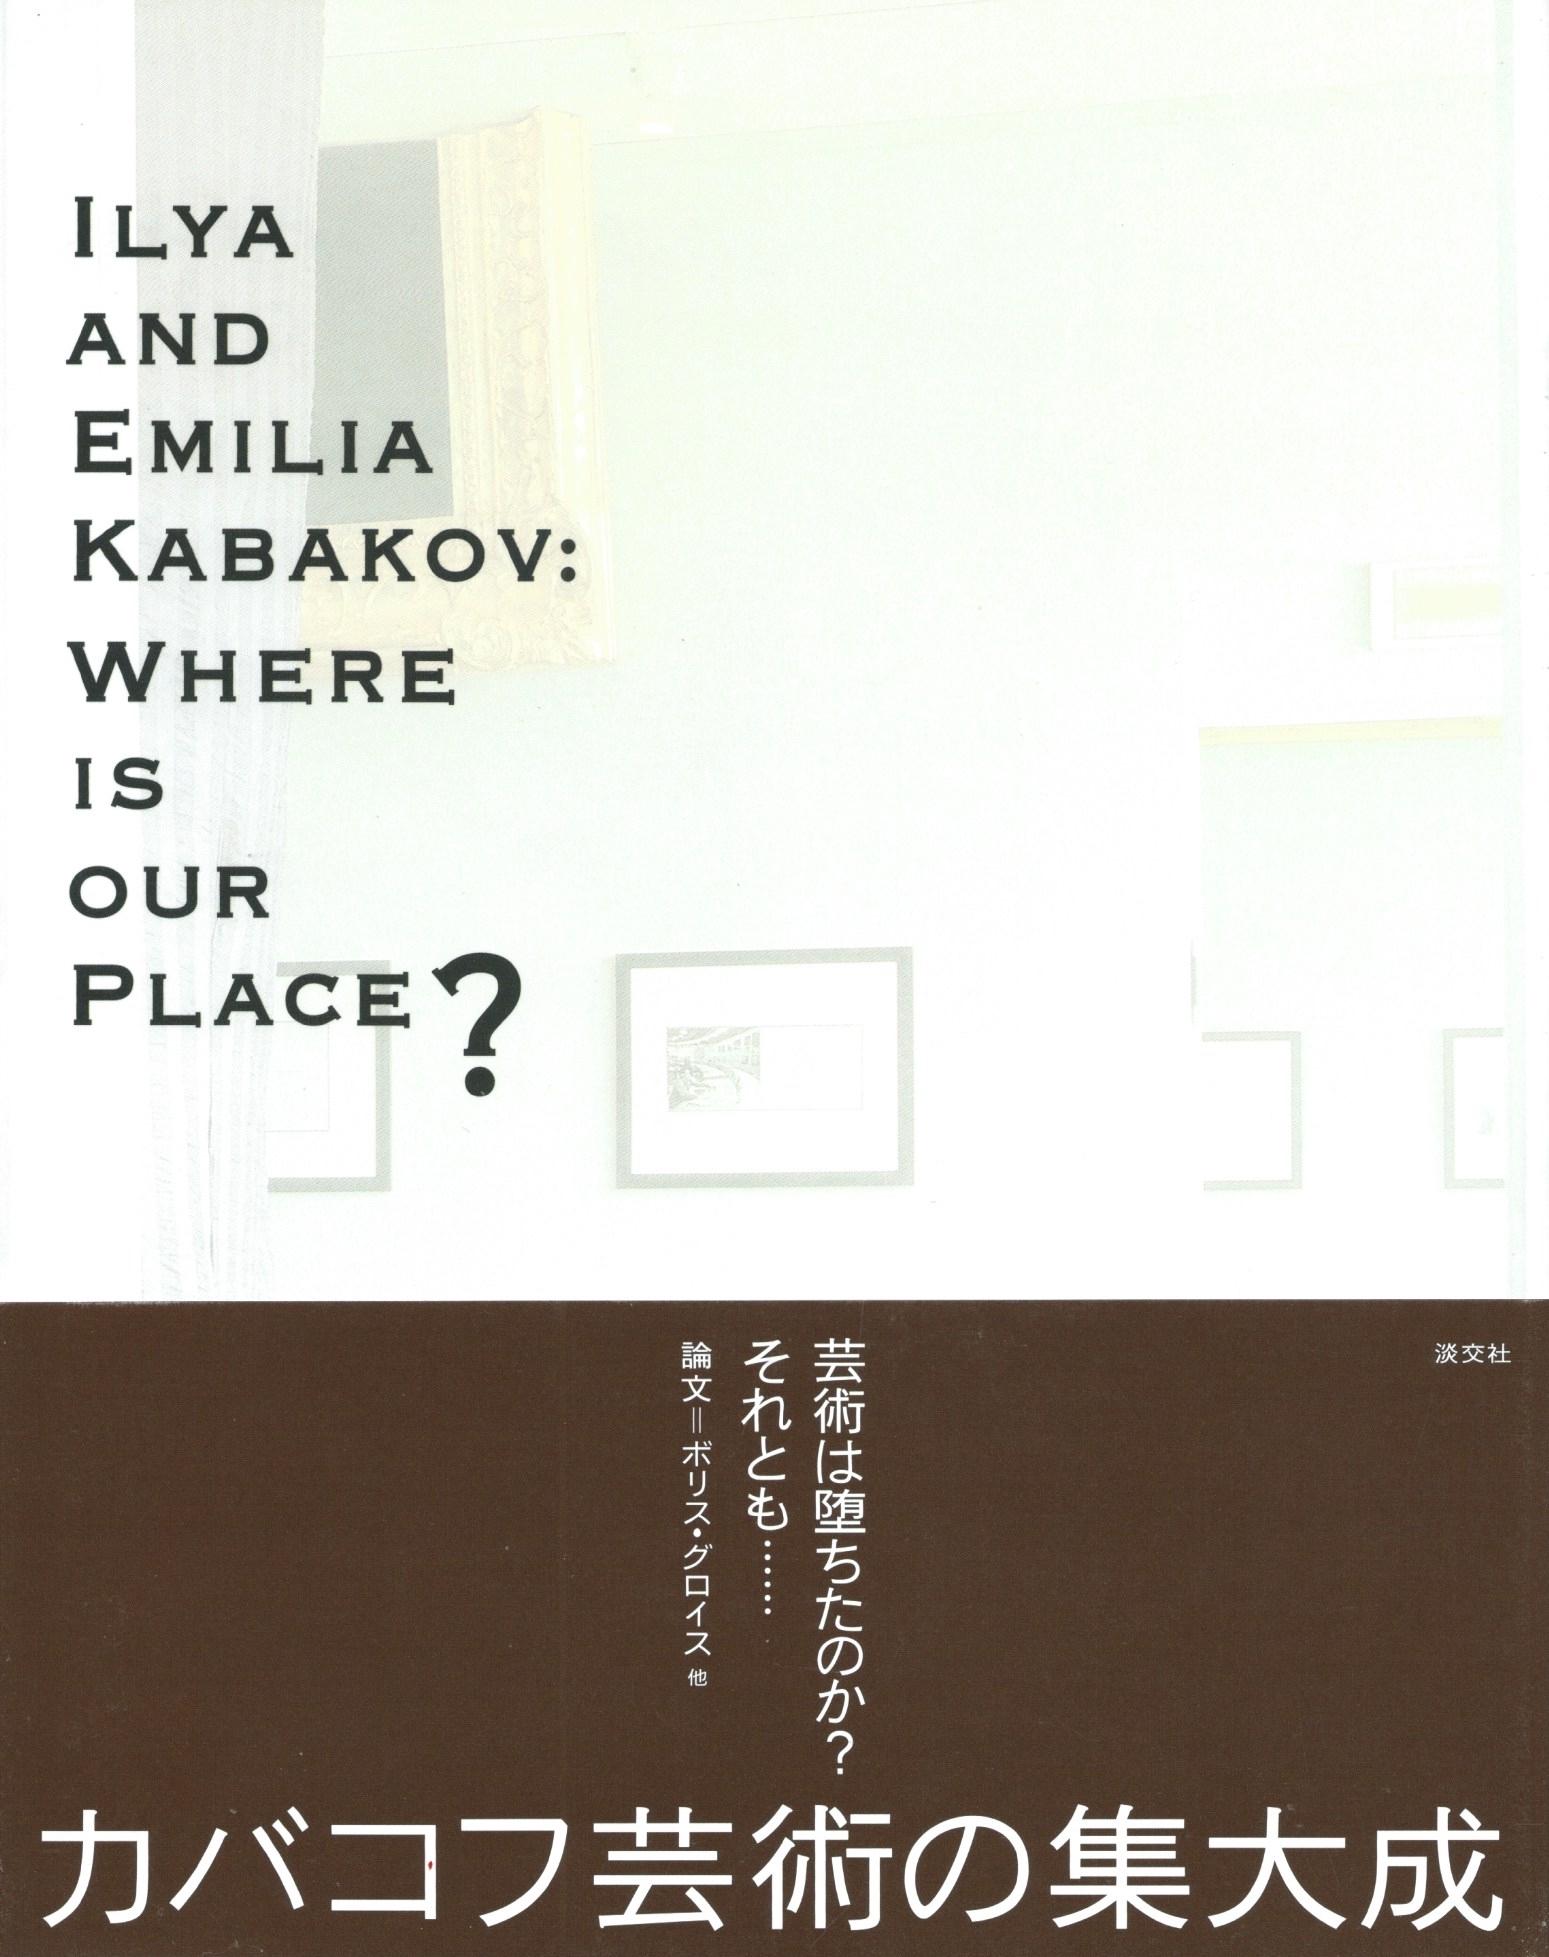 イリヤ&エミリア・カバコフ 私たちの場所はどこ?[バーゲンブック]